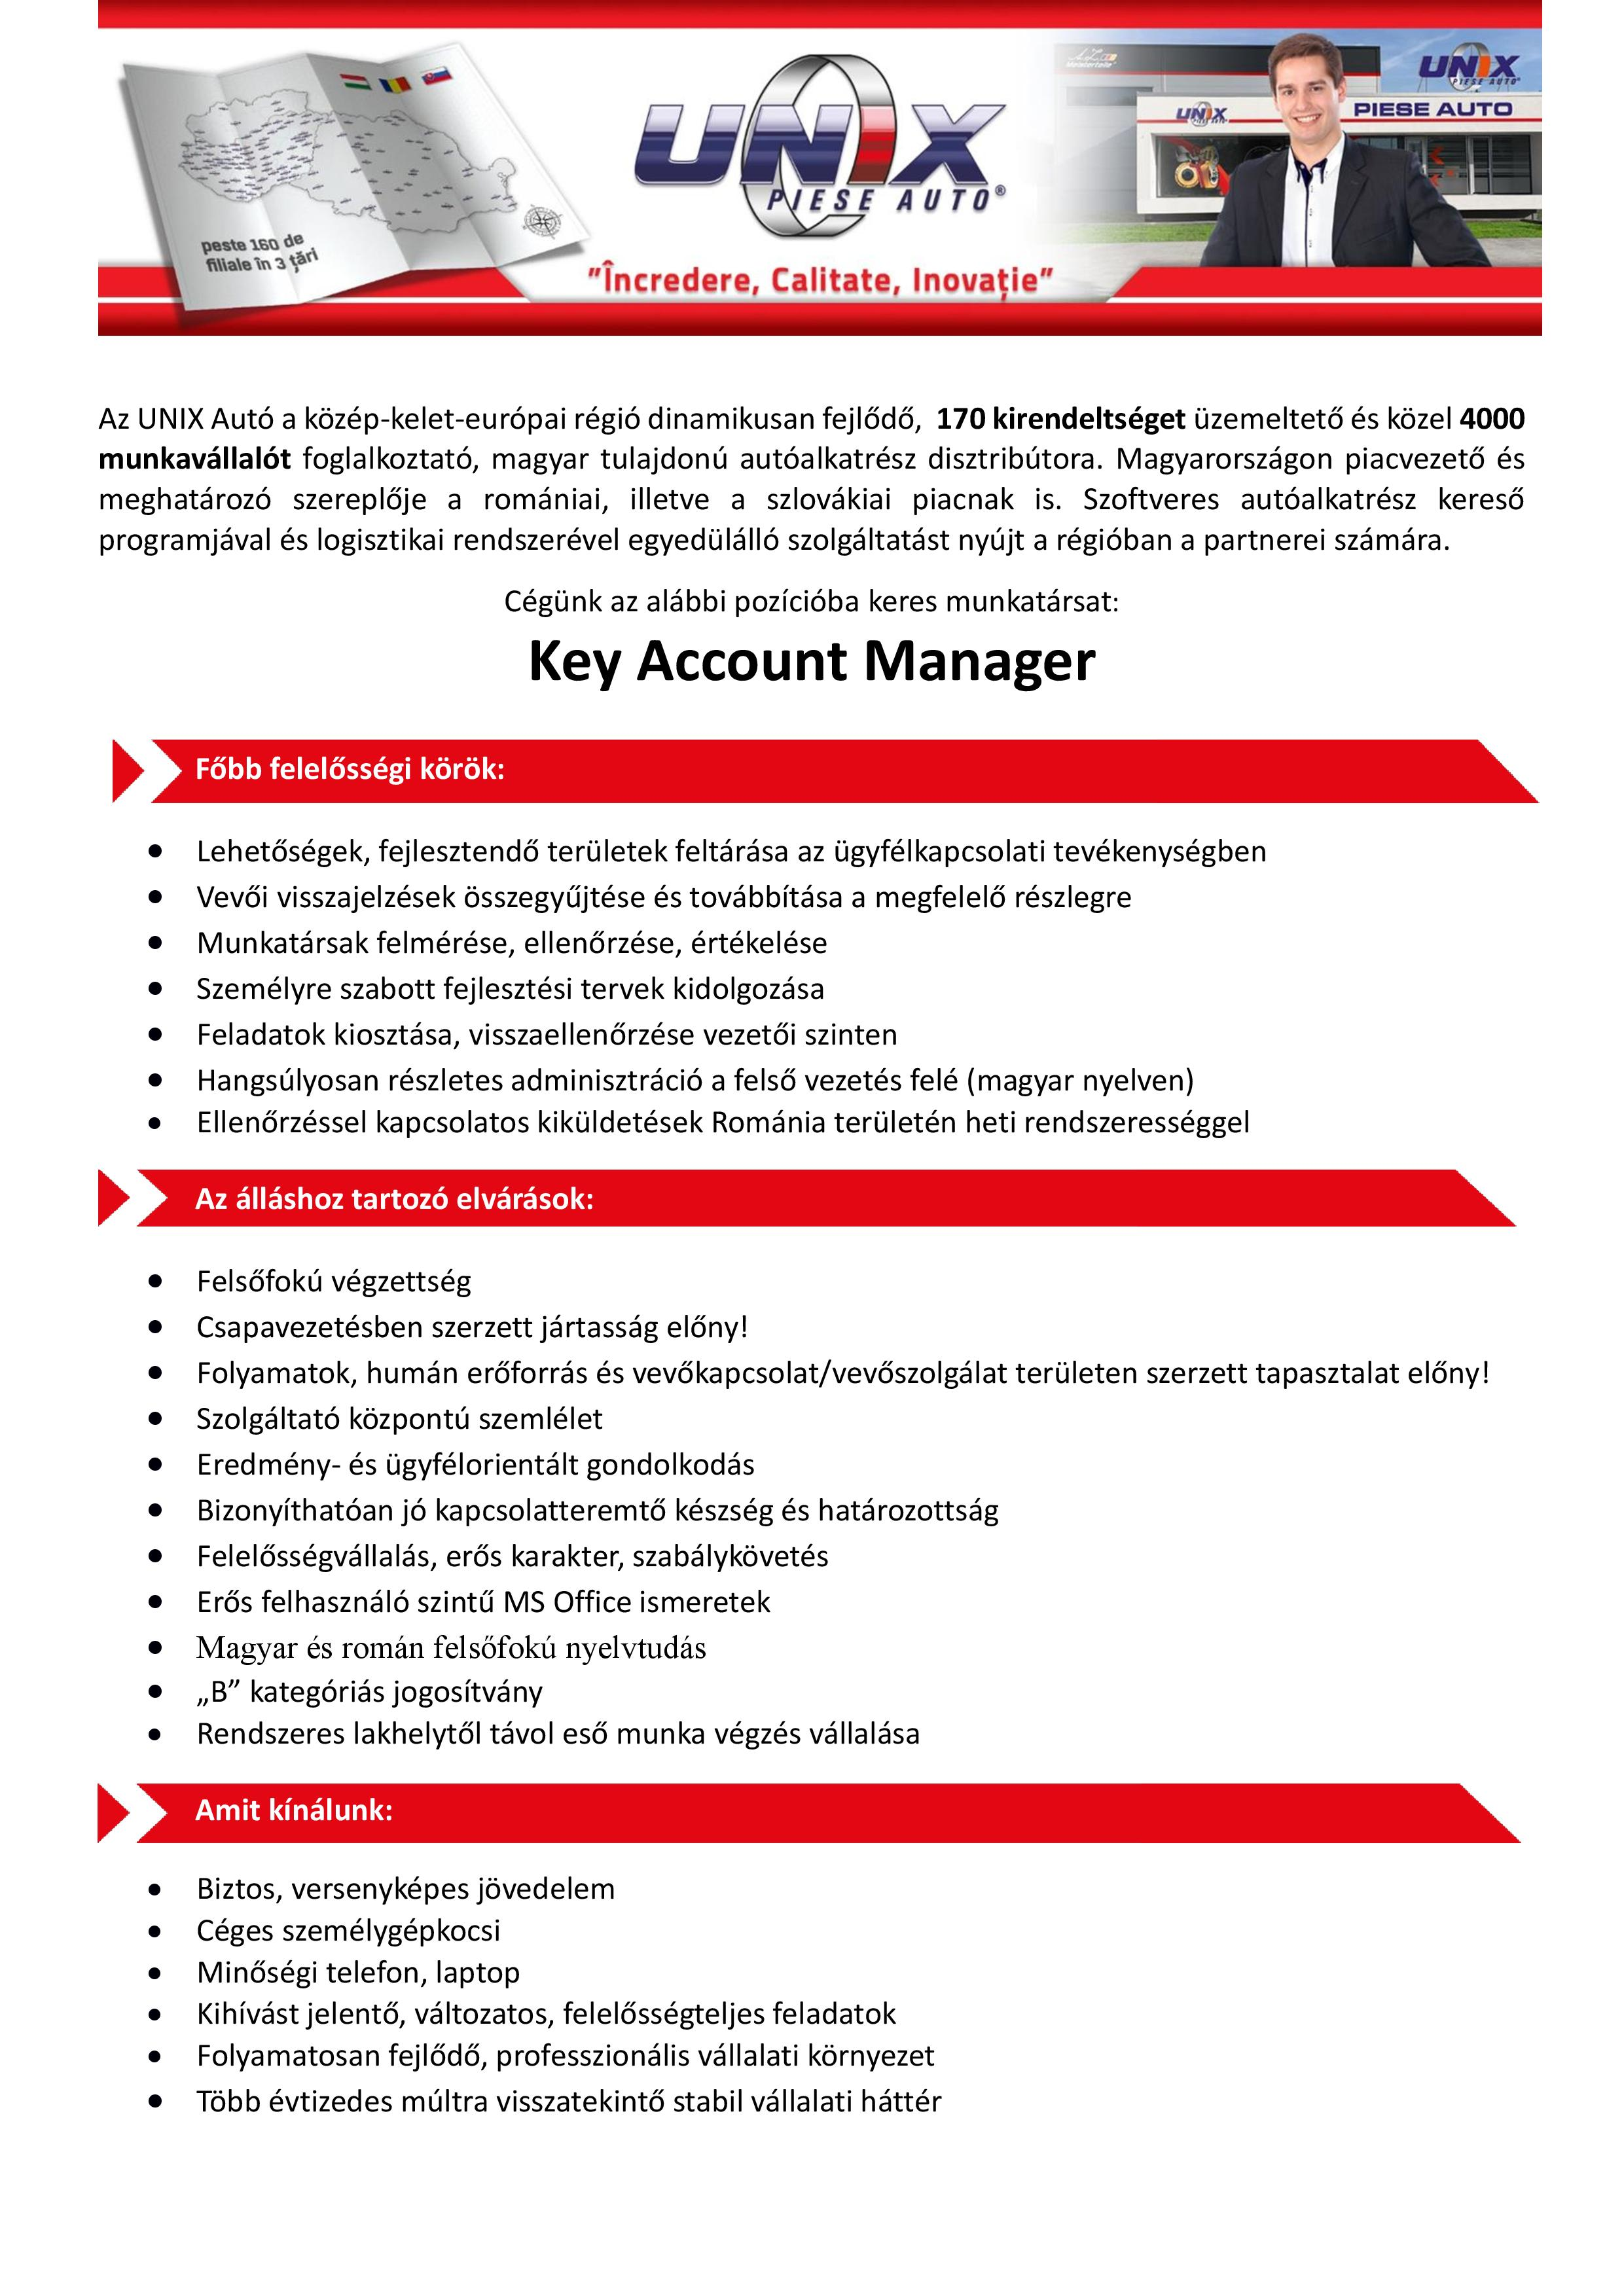 Key Account Manager  Compania noastră este un distribuitor de piese auto, care se află într-o continuă expansiune în cele trei ţări ale regiunii Central şi Est Europene, unde lucrează peste 2000 de angajaţi la cele peste 100 de filiale. Sistemul logistic avansat şi catalogul electronic de piese auto asigură un serviciu unic partenerilor noştri. Datorită lărgirii semnificative a reţelei de distribuţie din România suntem în căutarea unor colegi, care prin gestionarea profesionistă a relaţiilor interumane şi prin propunerile de îmbunătăţire asigură servicii de înaltă calitate, crescând astfel satisfacţia partenerilor noştri.